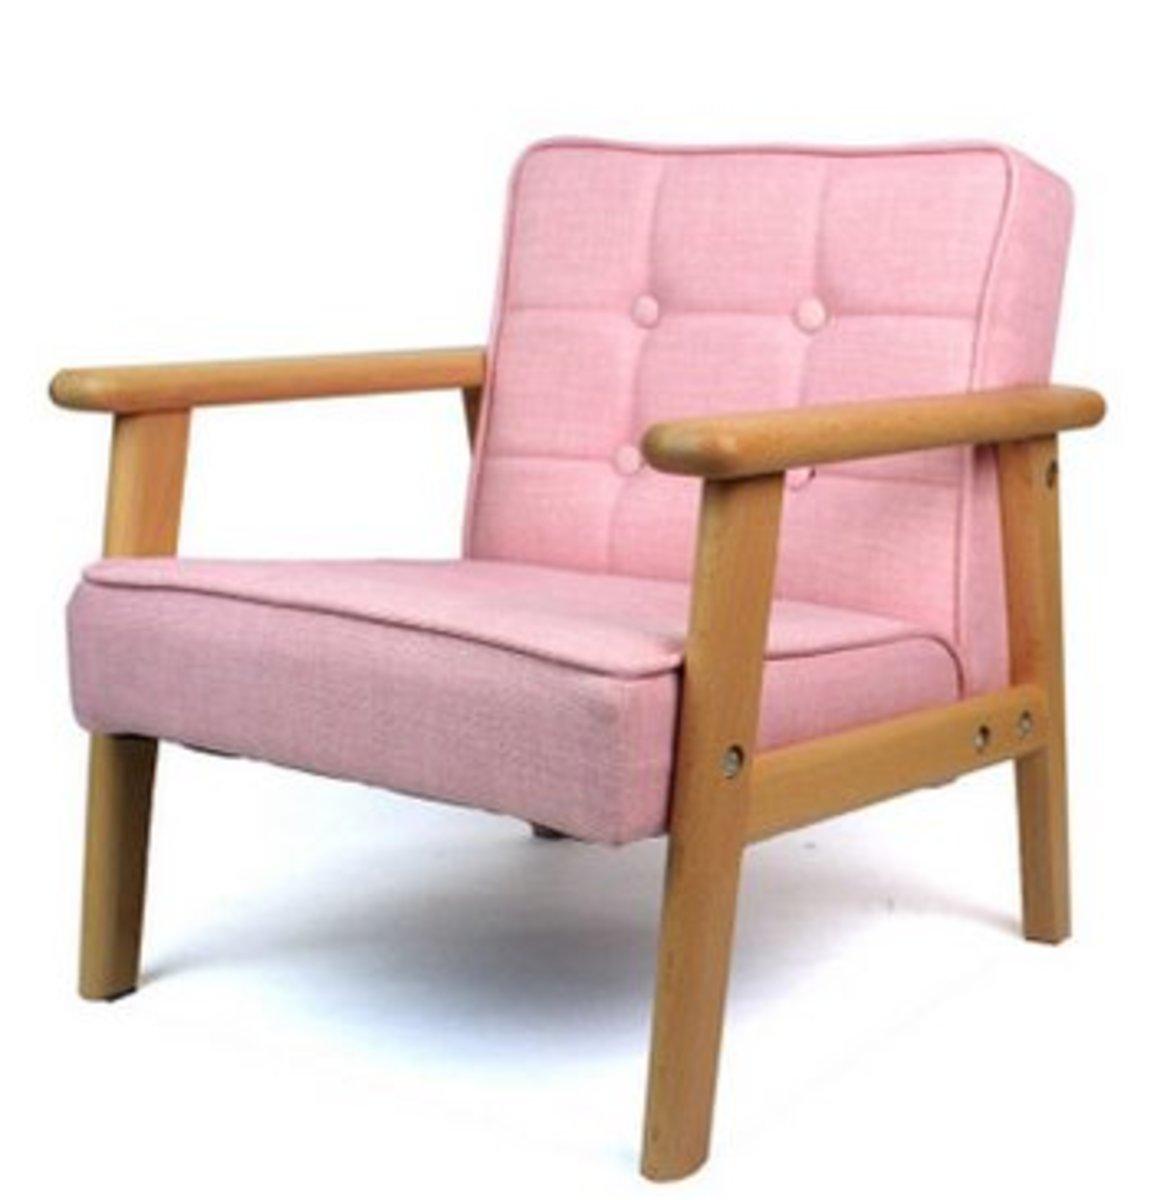 實木PU小沙發凳(粉色單人布藝沙發)